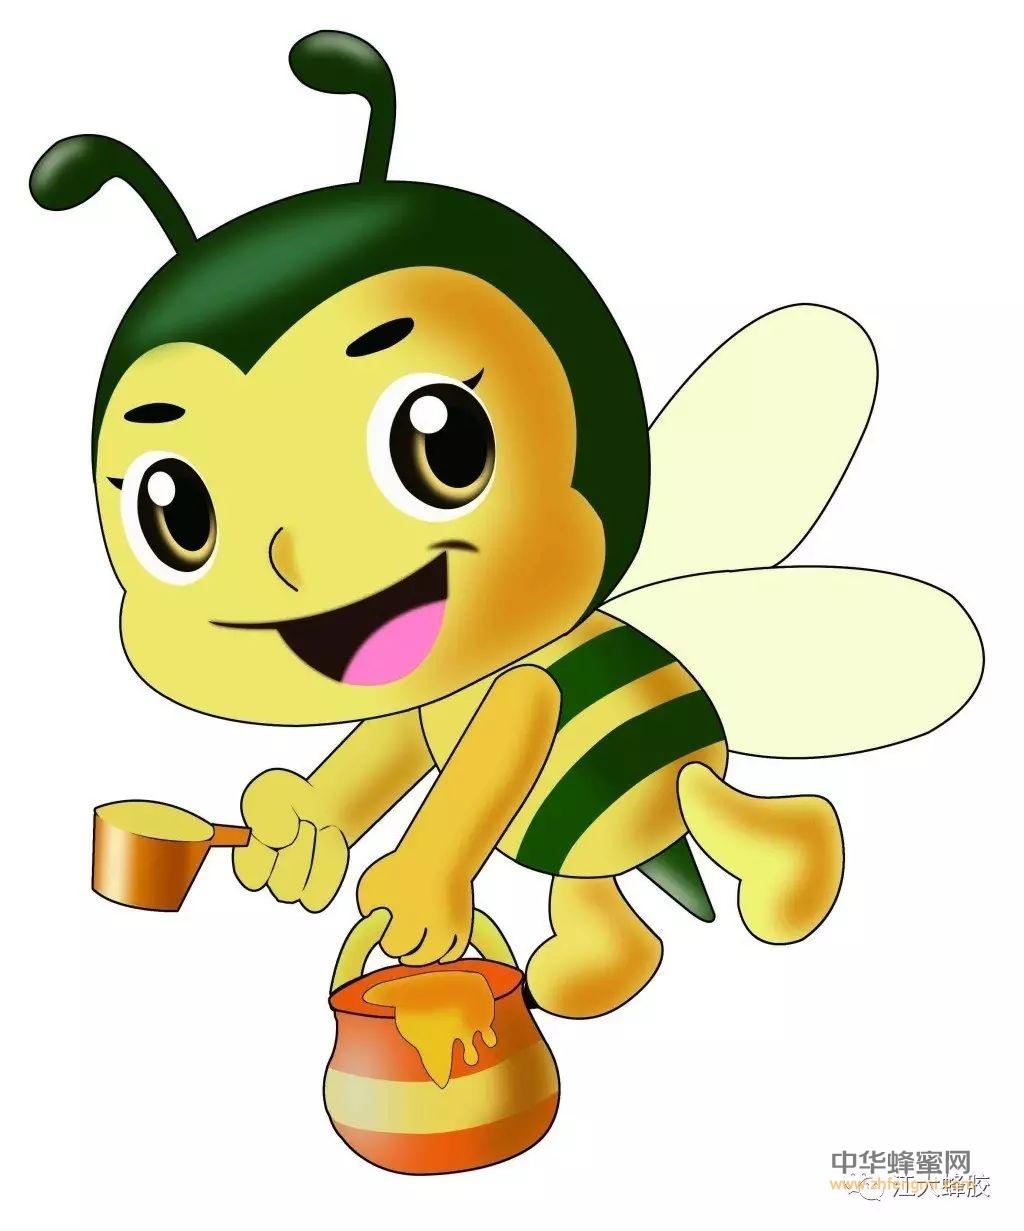 【蜂趣】蜜蜂——我们最好的朋友